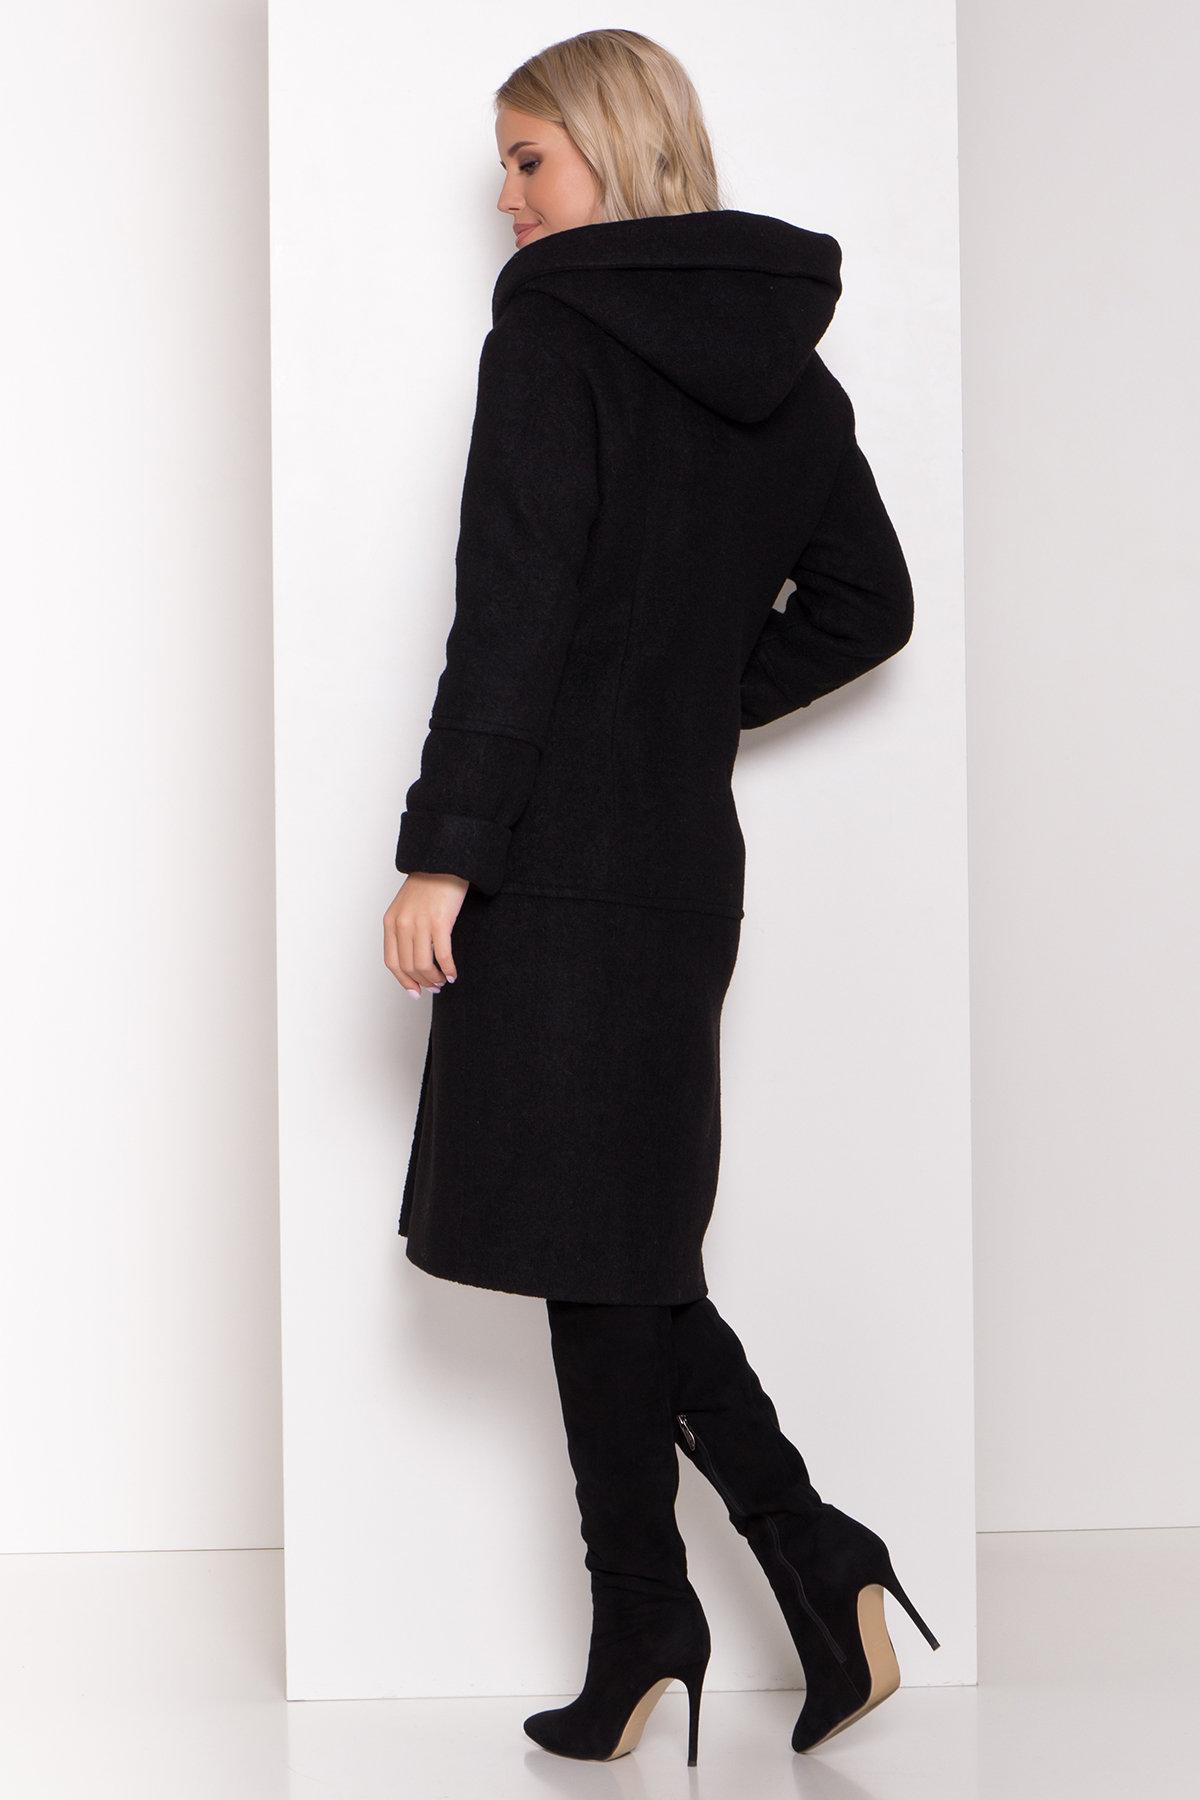 Пальто с капюшоном зимнее Анита 8327 АРТ. 44473 Цвет: Черный - фото 4, интернет магазин tm-modus.ru